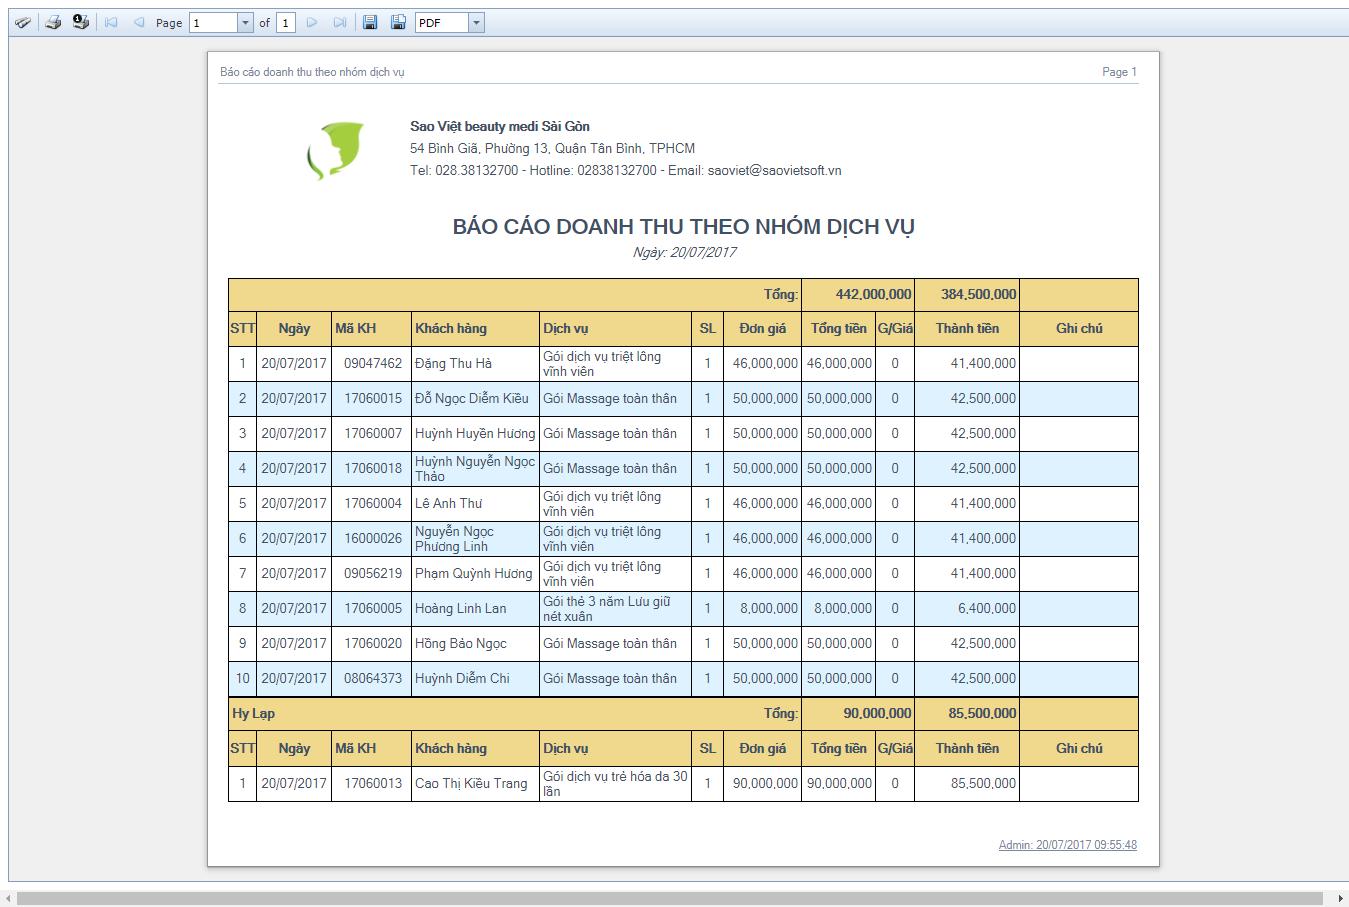 Báo cáo doanh thu theo nhóm dịch vụ